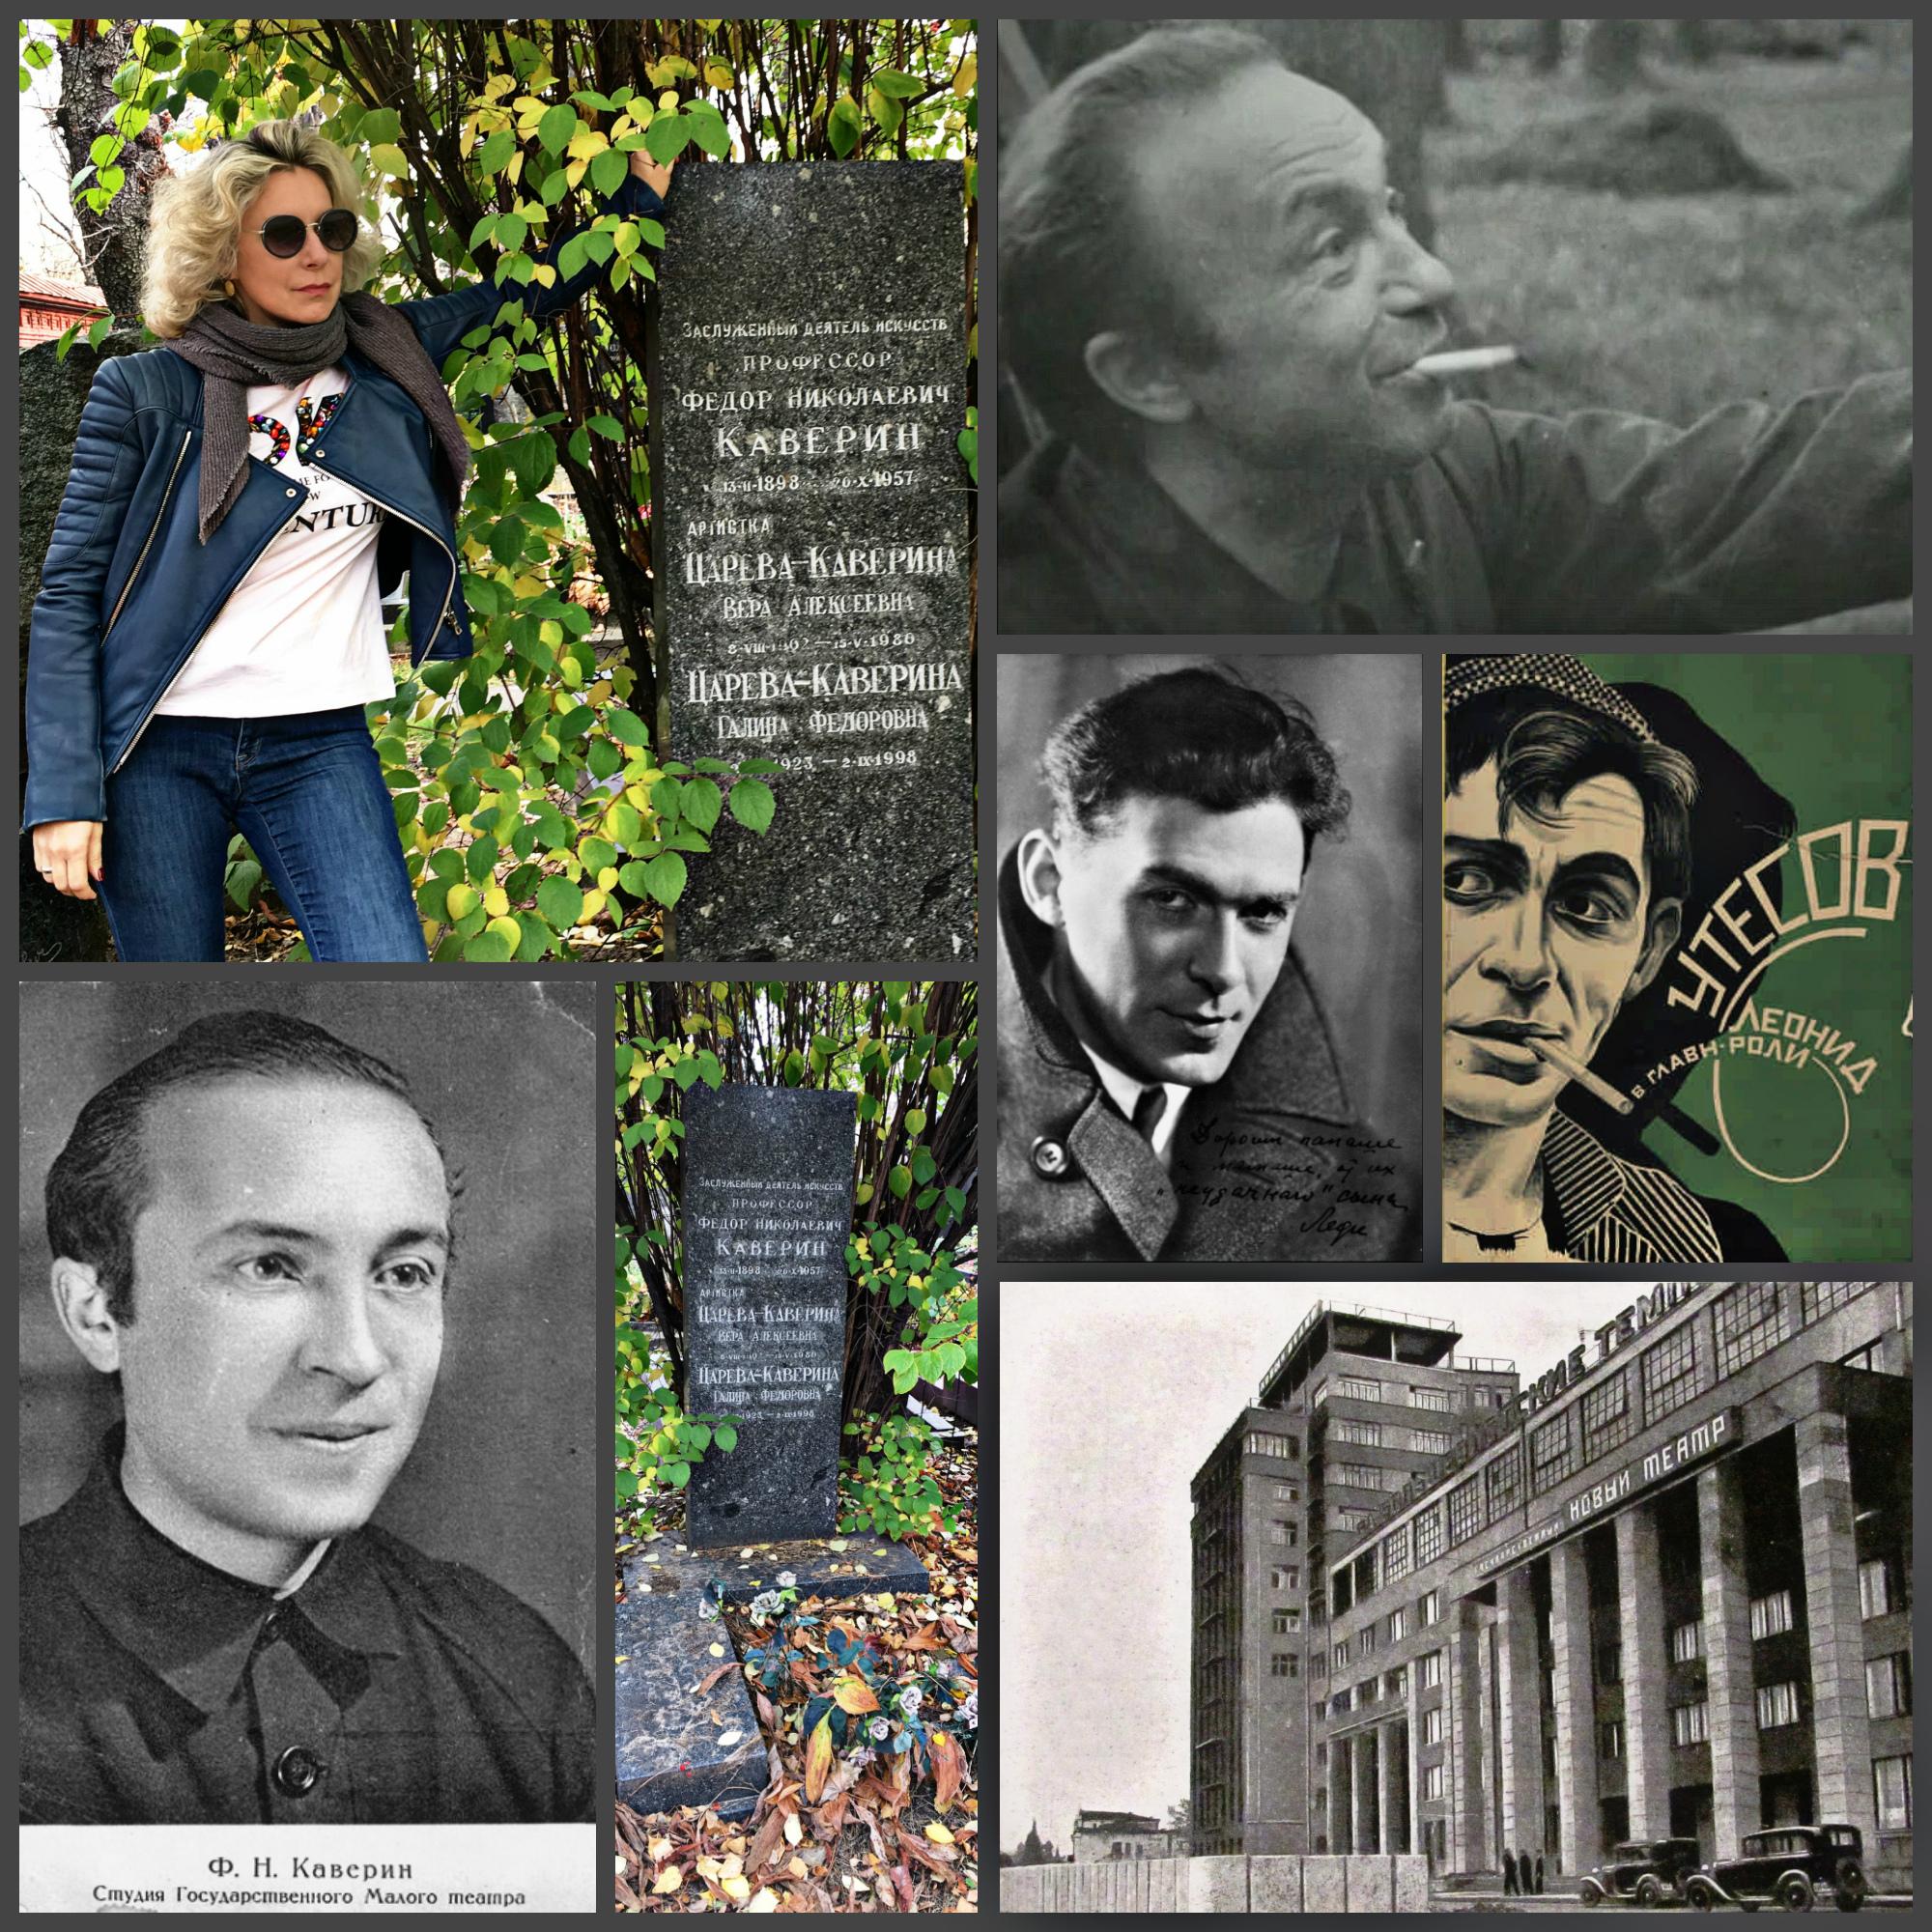 У этой могилы на Новодевичьем трагическая история